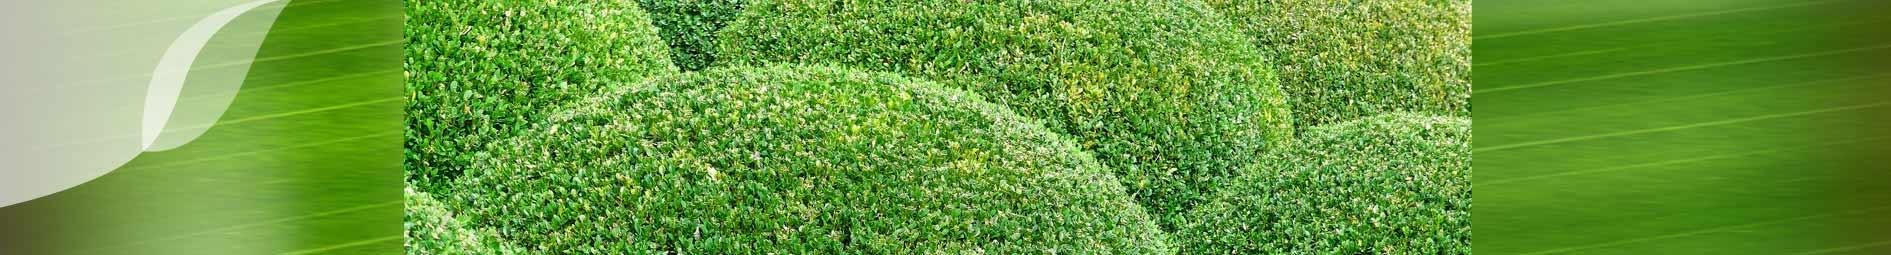 pflanzenpflege außenbereich grün und raum